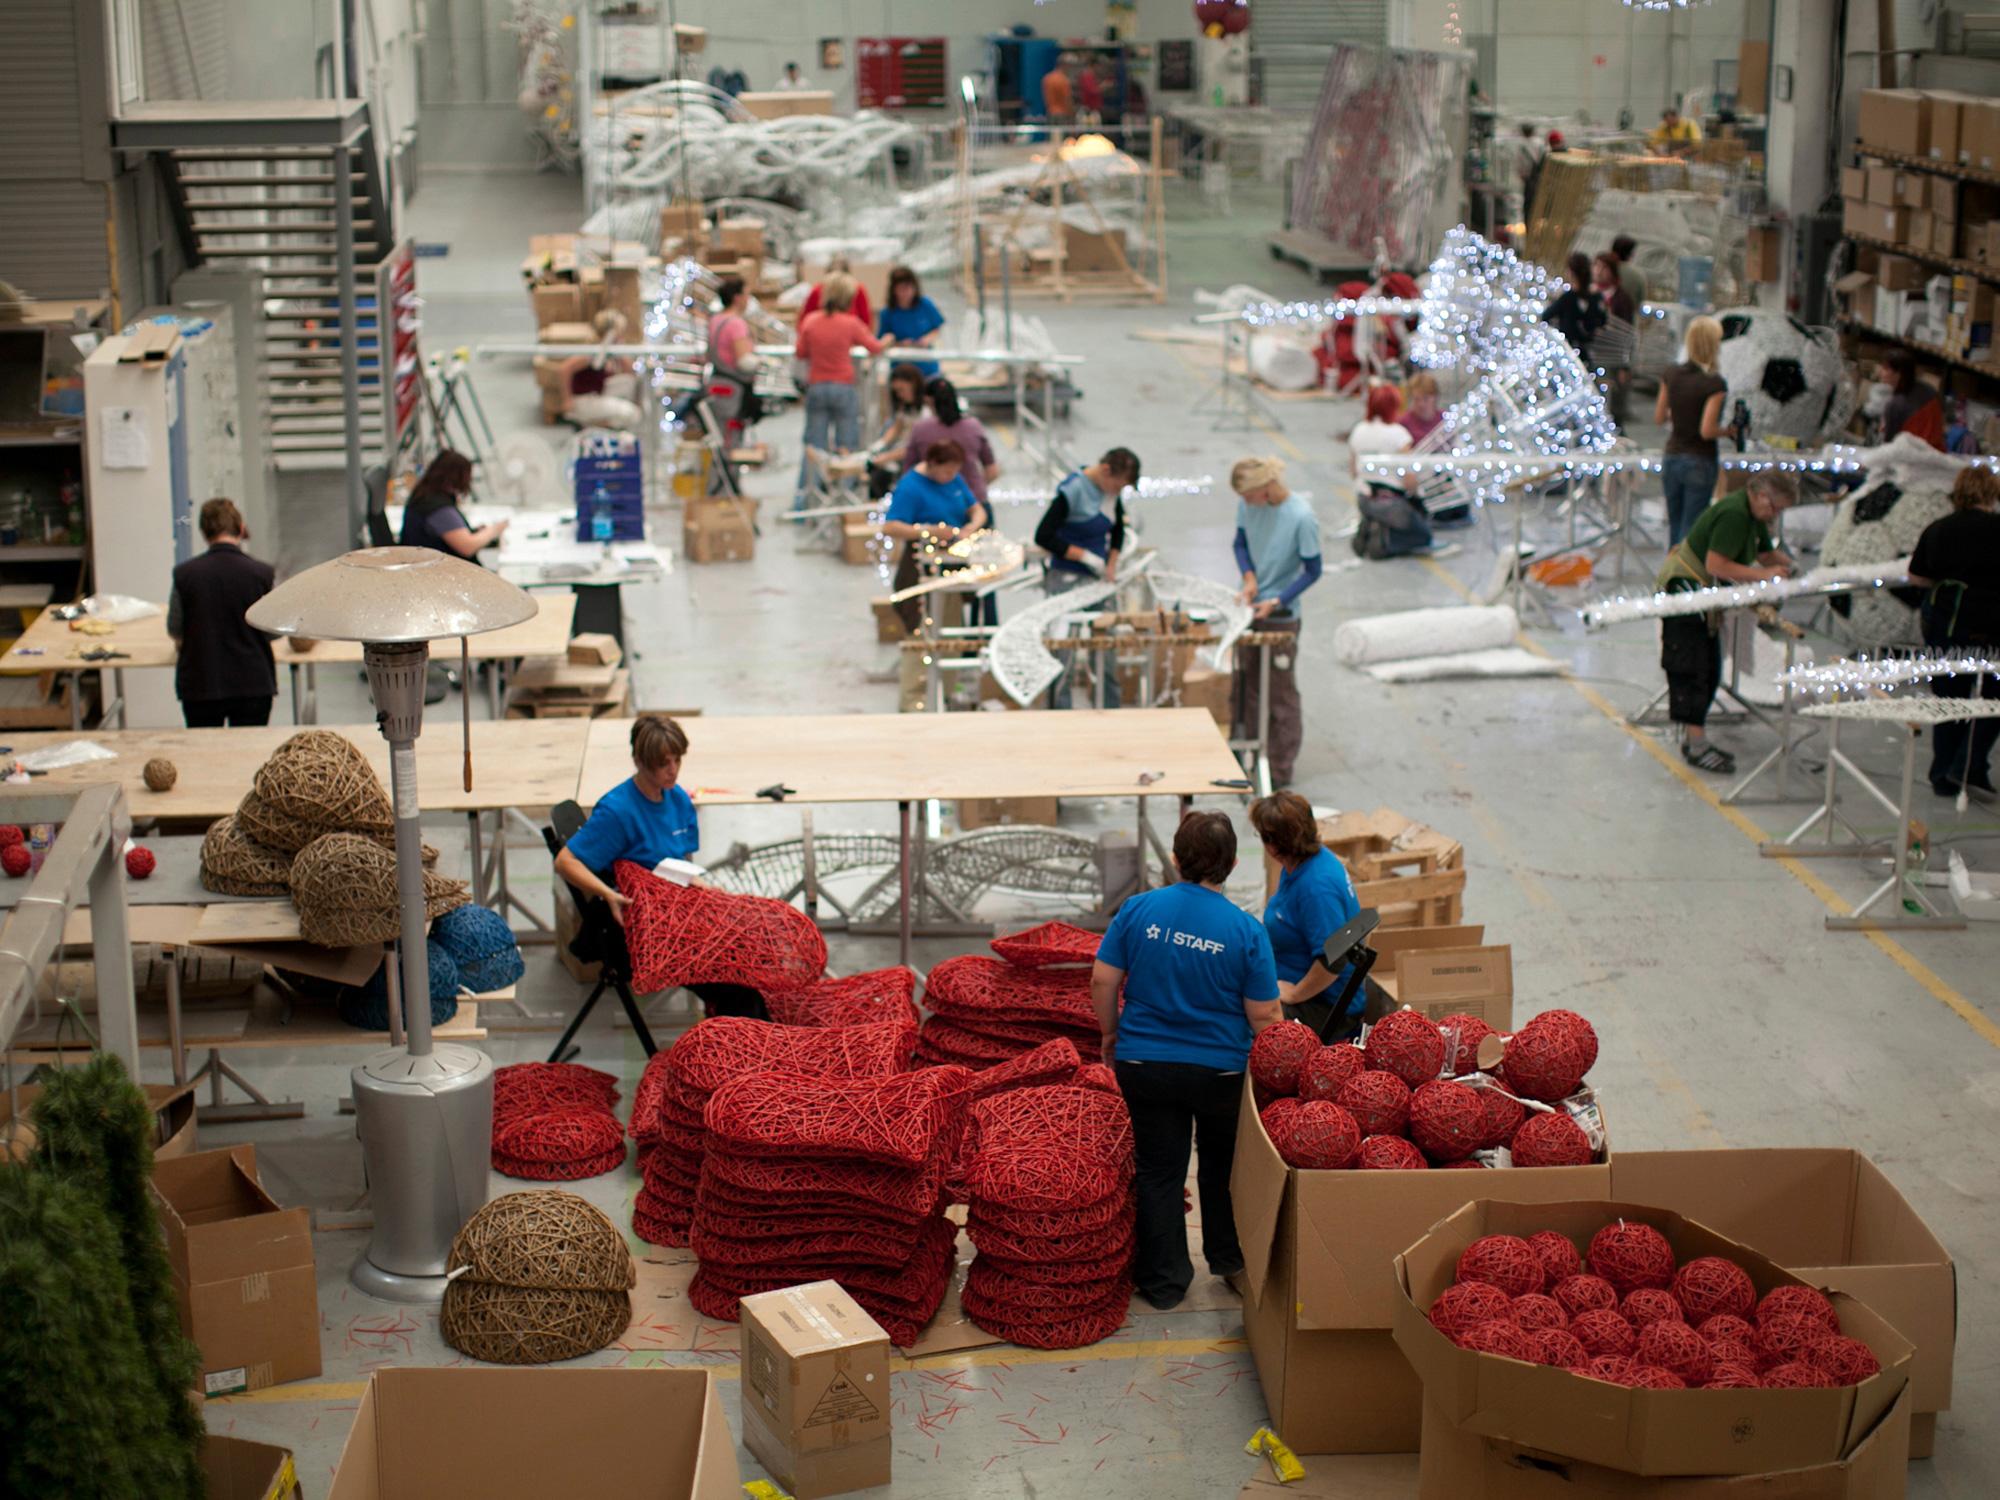 オーガニックボールを製造している工場の写真